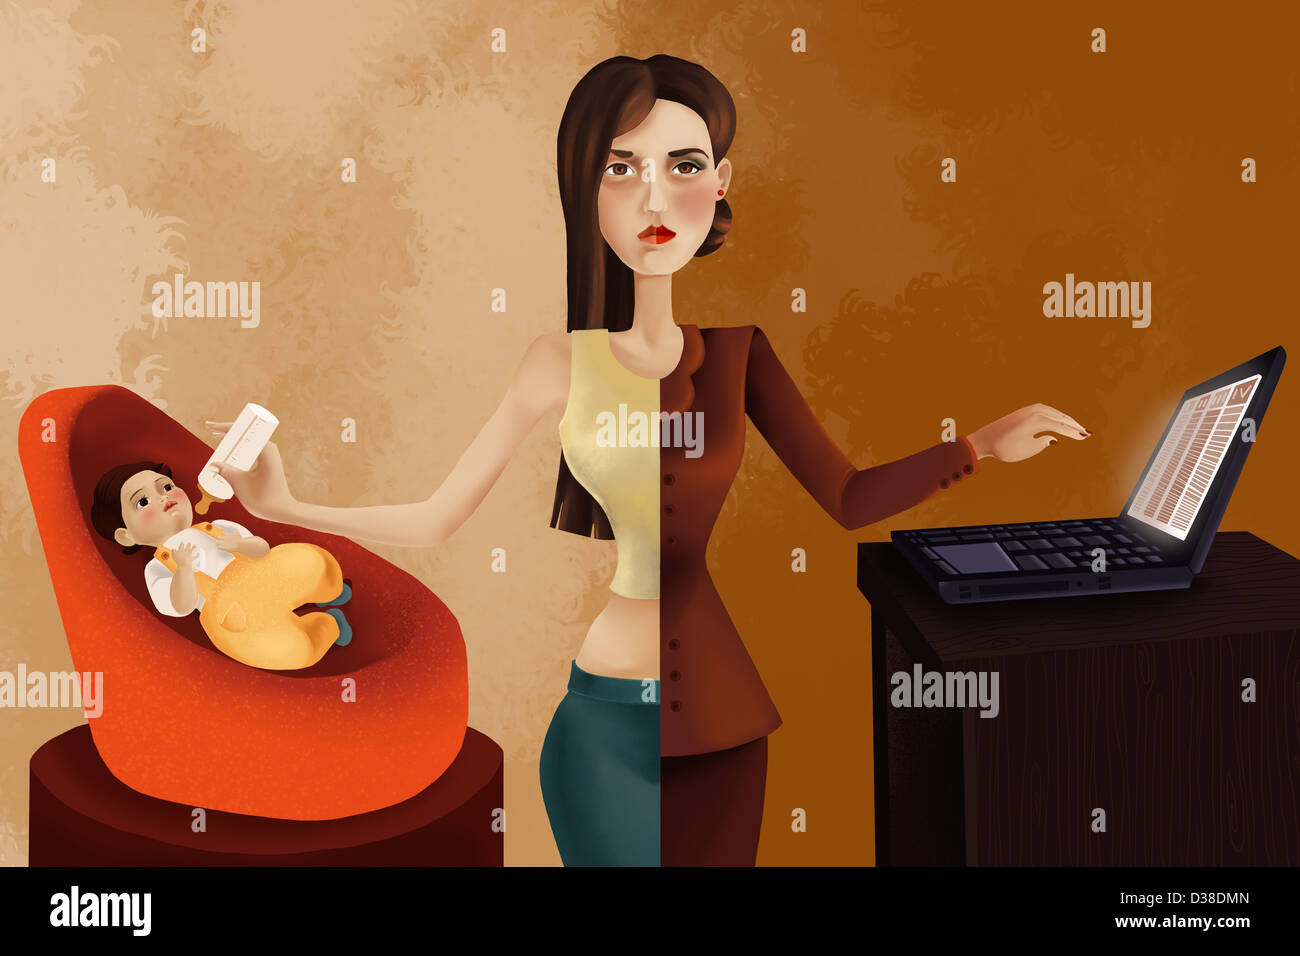 Image d'illustration de l'alimentation femme professionnelle son bébé lors de l'utilisation Photo Stock